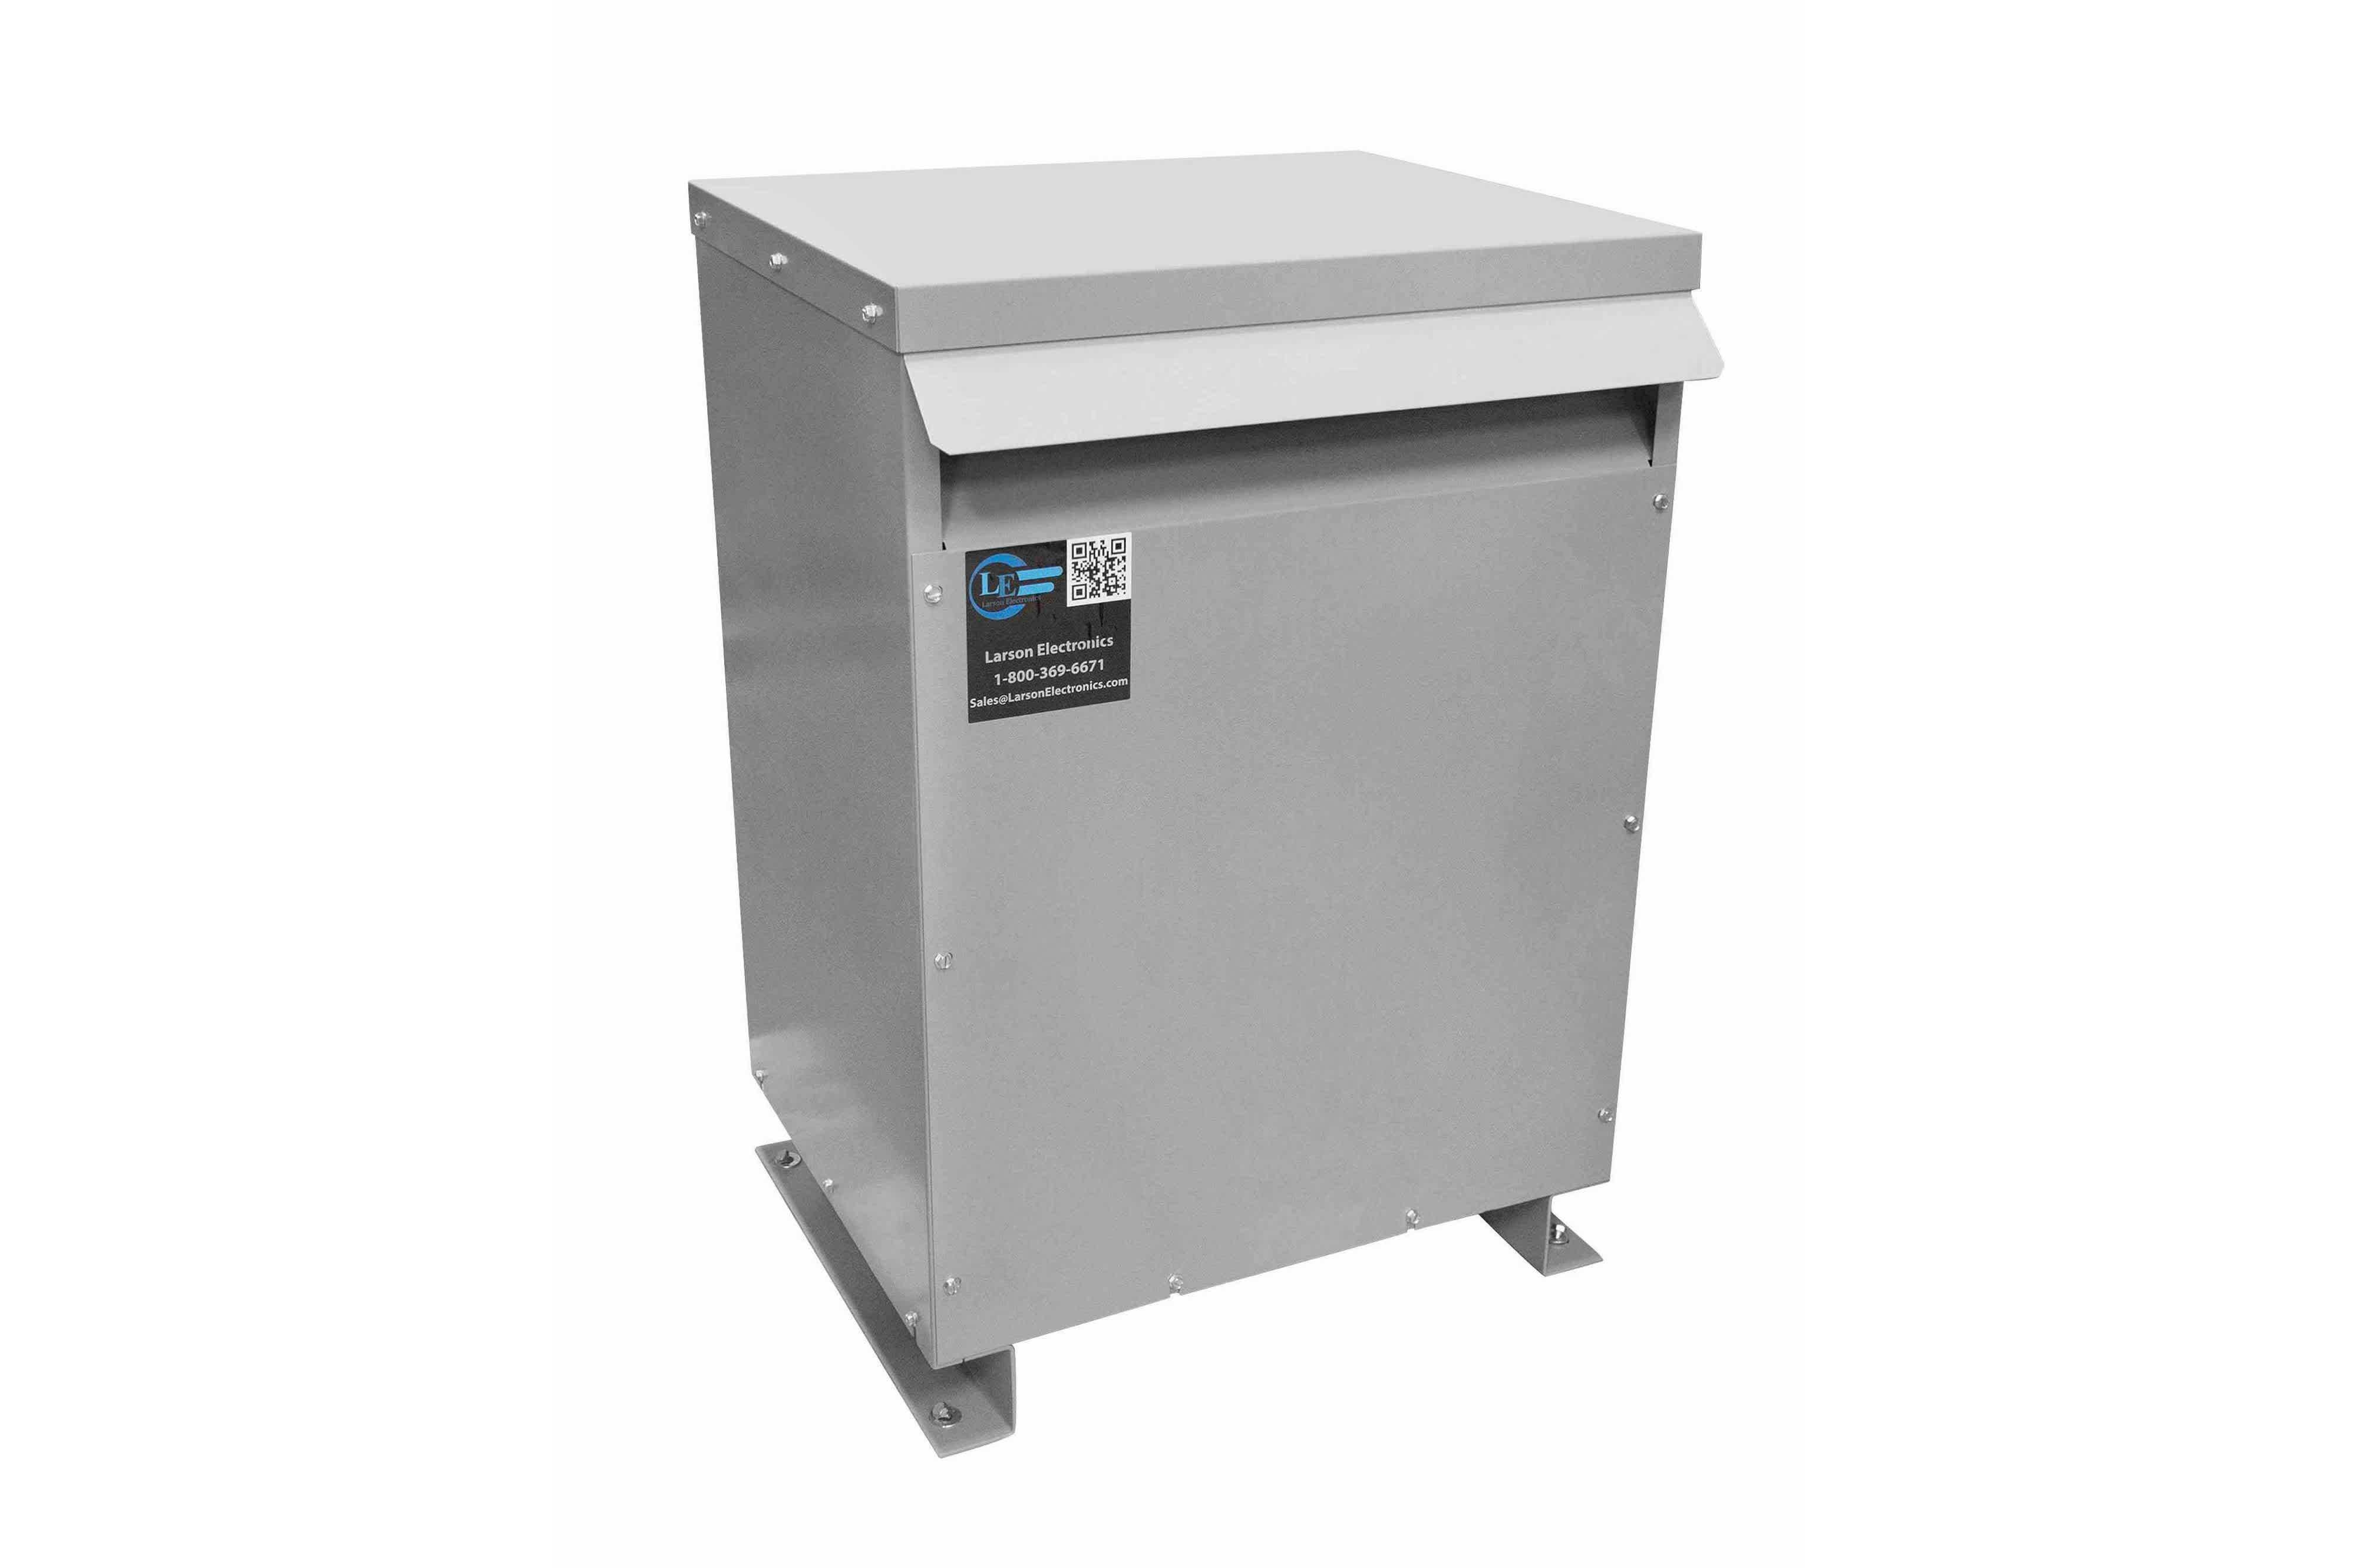 90 kVA 3PH Isolation Transformer, 415V Delta Primary, 600V Delta Secondary, N3R, Ventilated, 60 Hz